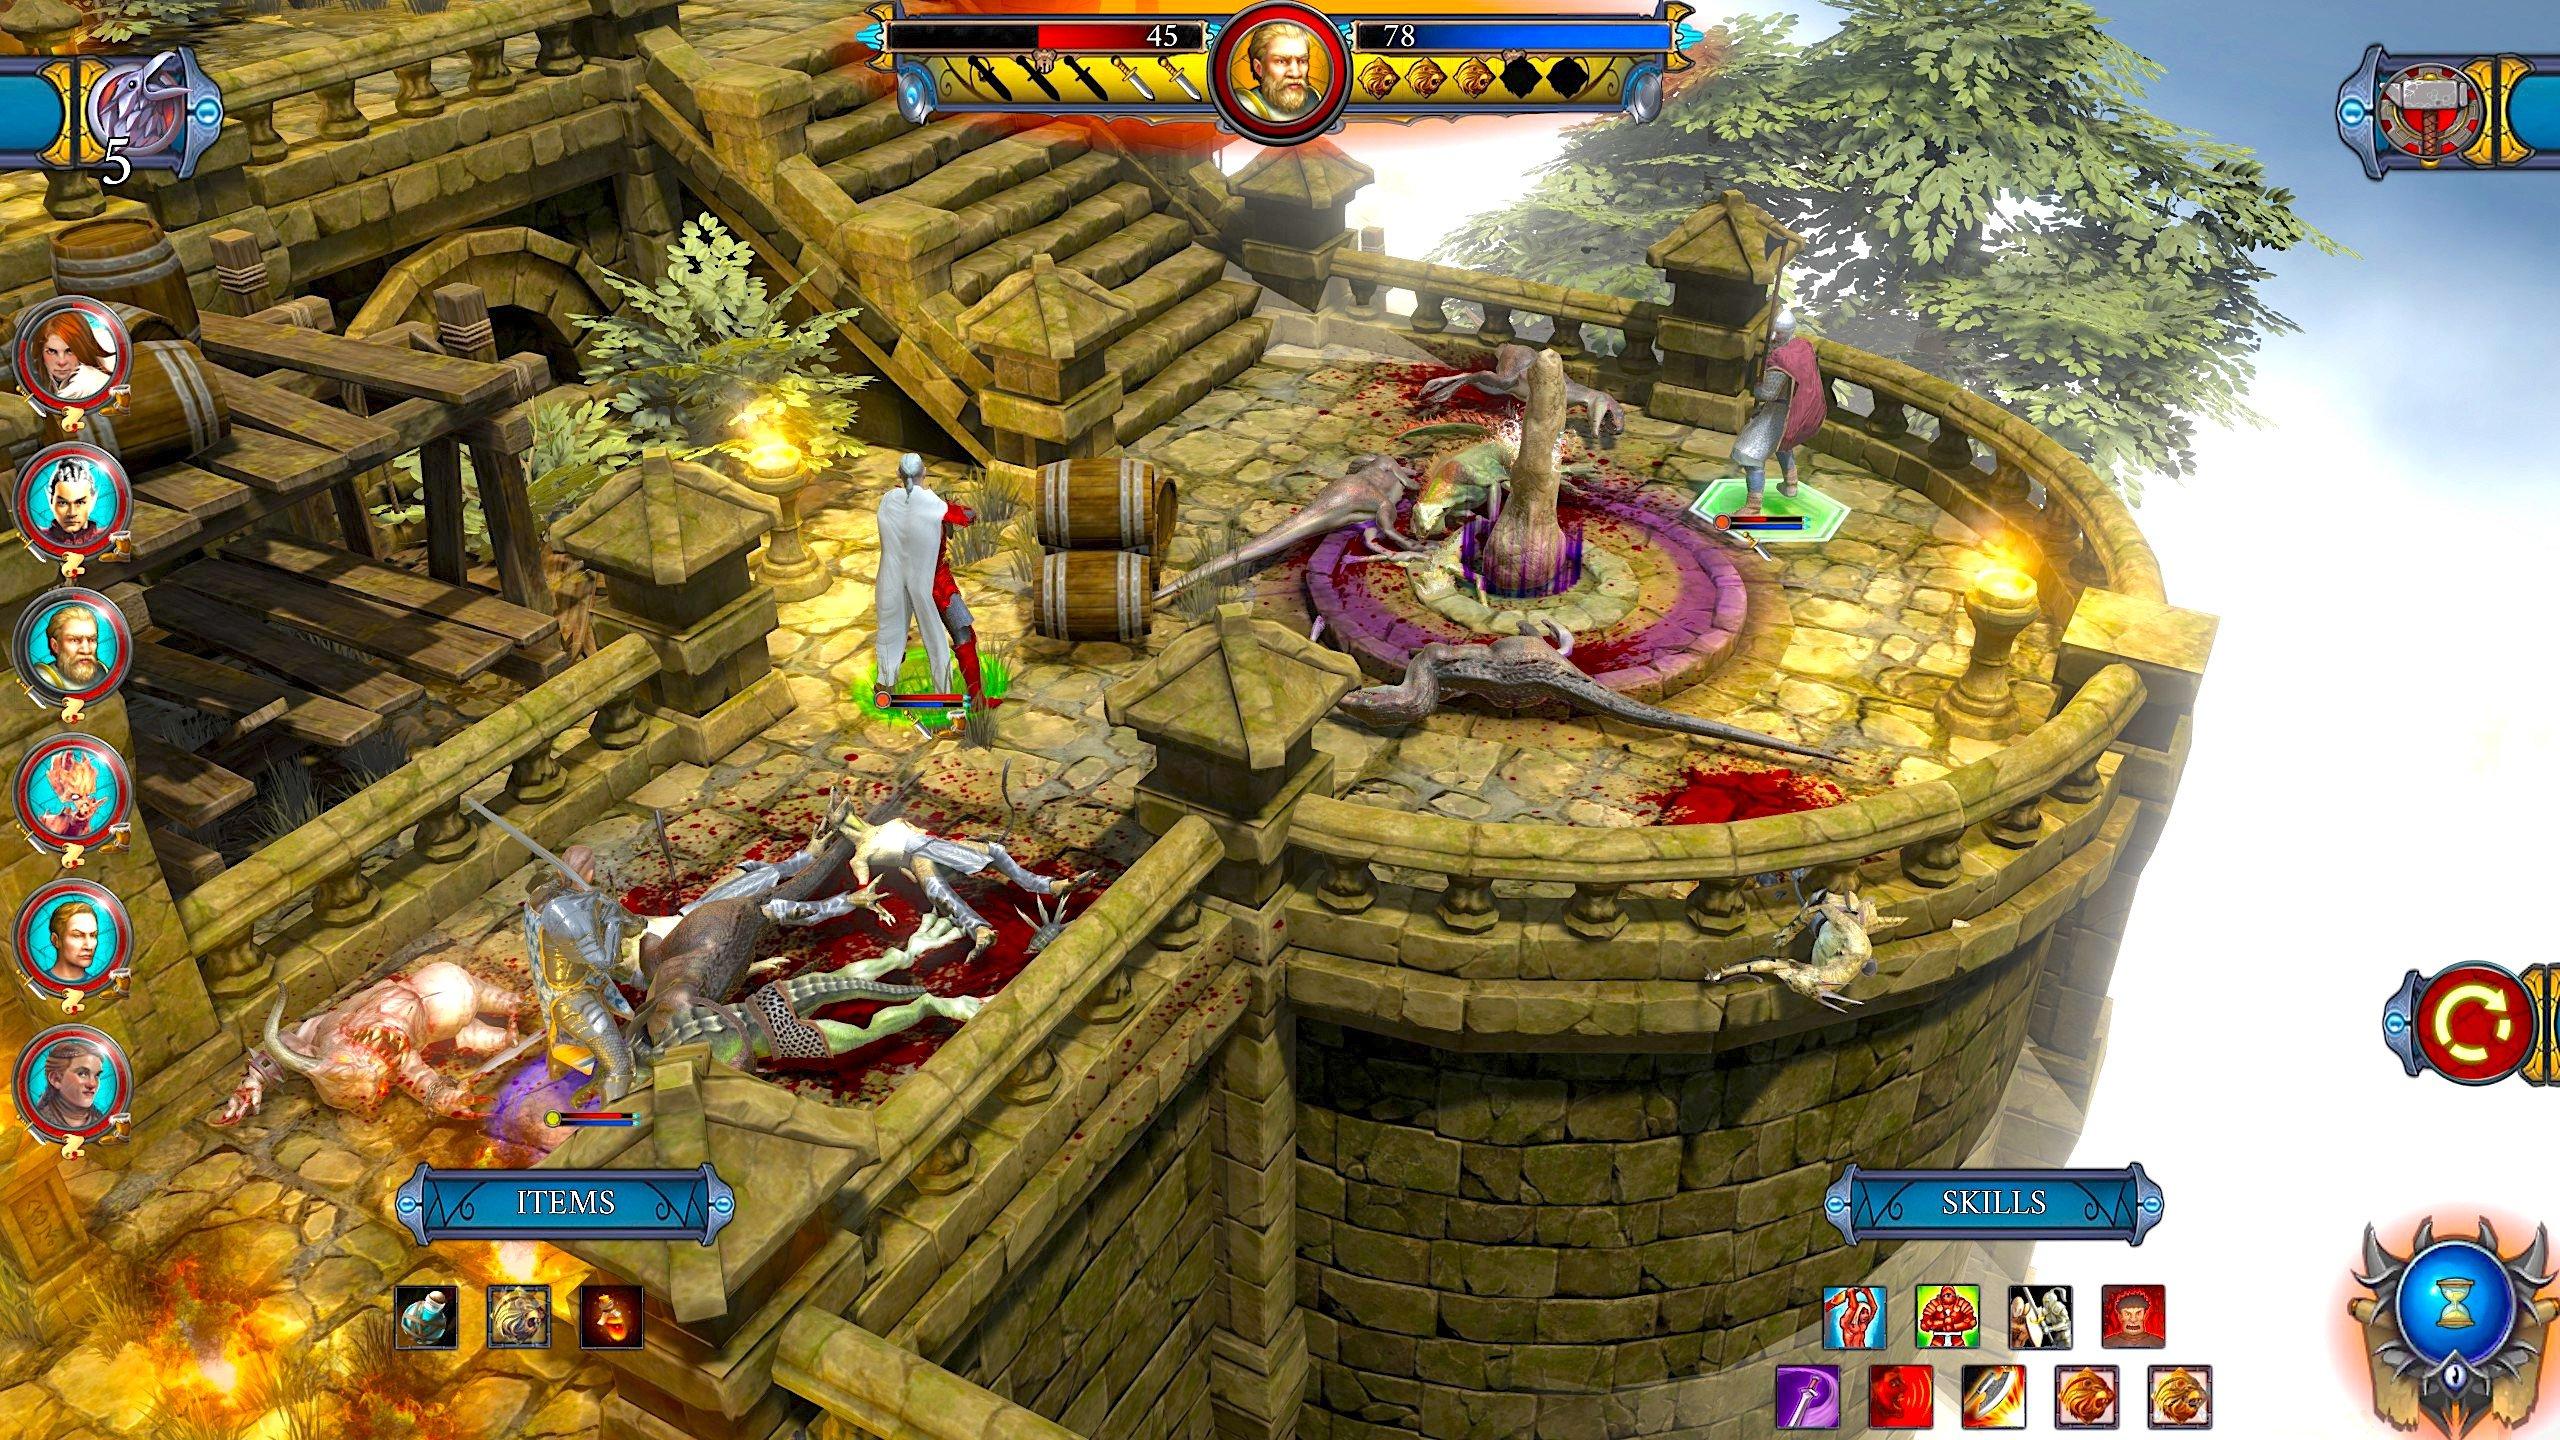 Sorties jeux : plus de 30 nouveaux titres iOS, dont Snakebird Primer, Skylanders Ring Of Heroes, Shieldwall Chronicles, JackQuest, etc. 1